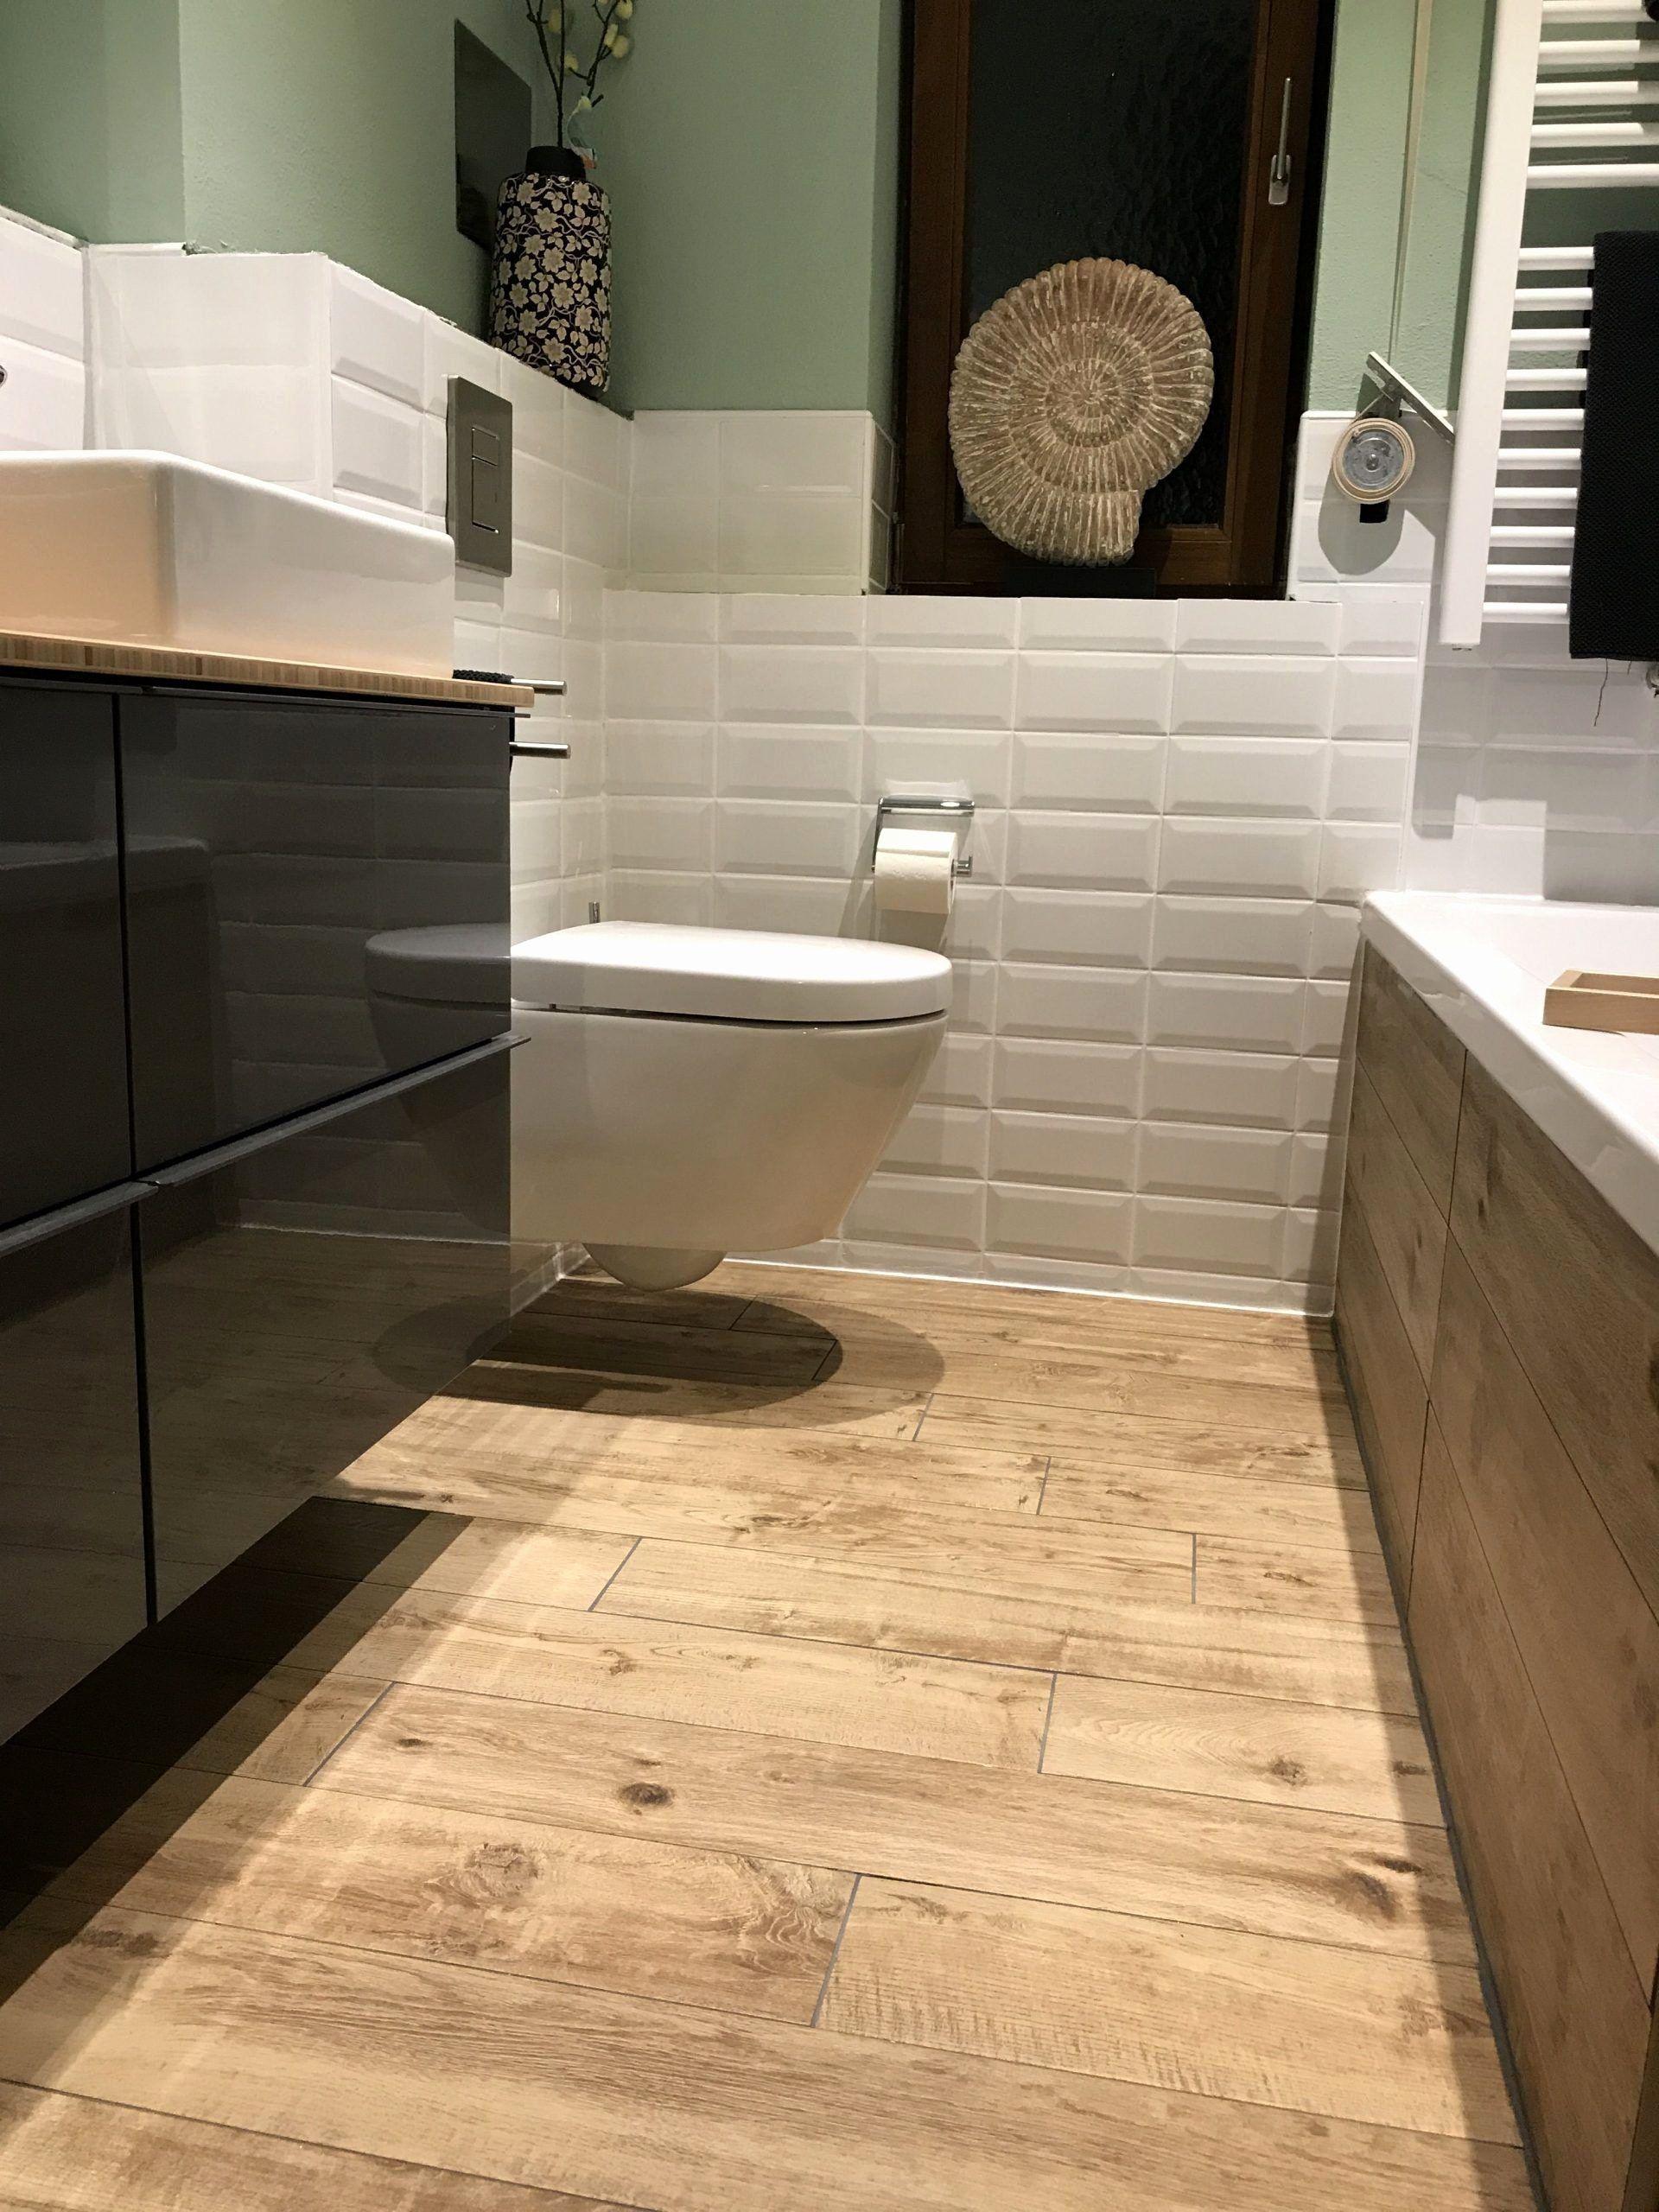 Pin On Bathroom Decor Ideas 2020